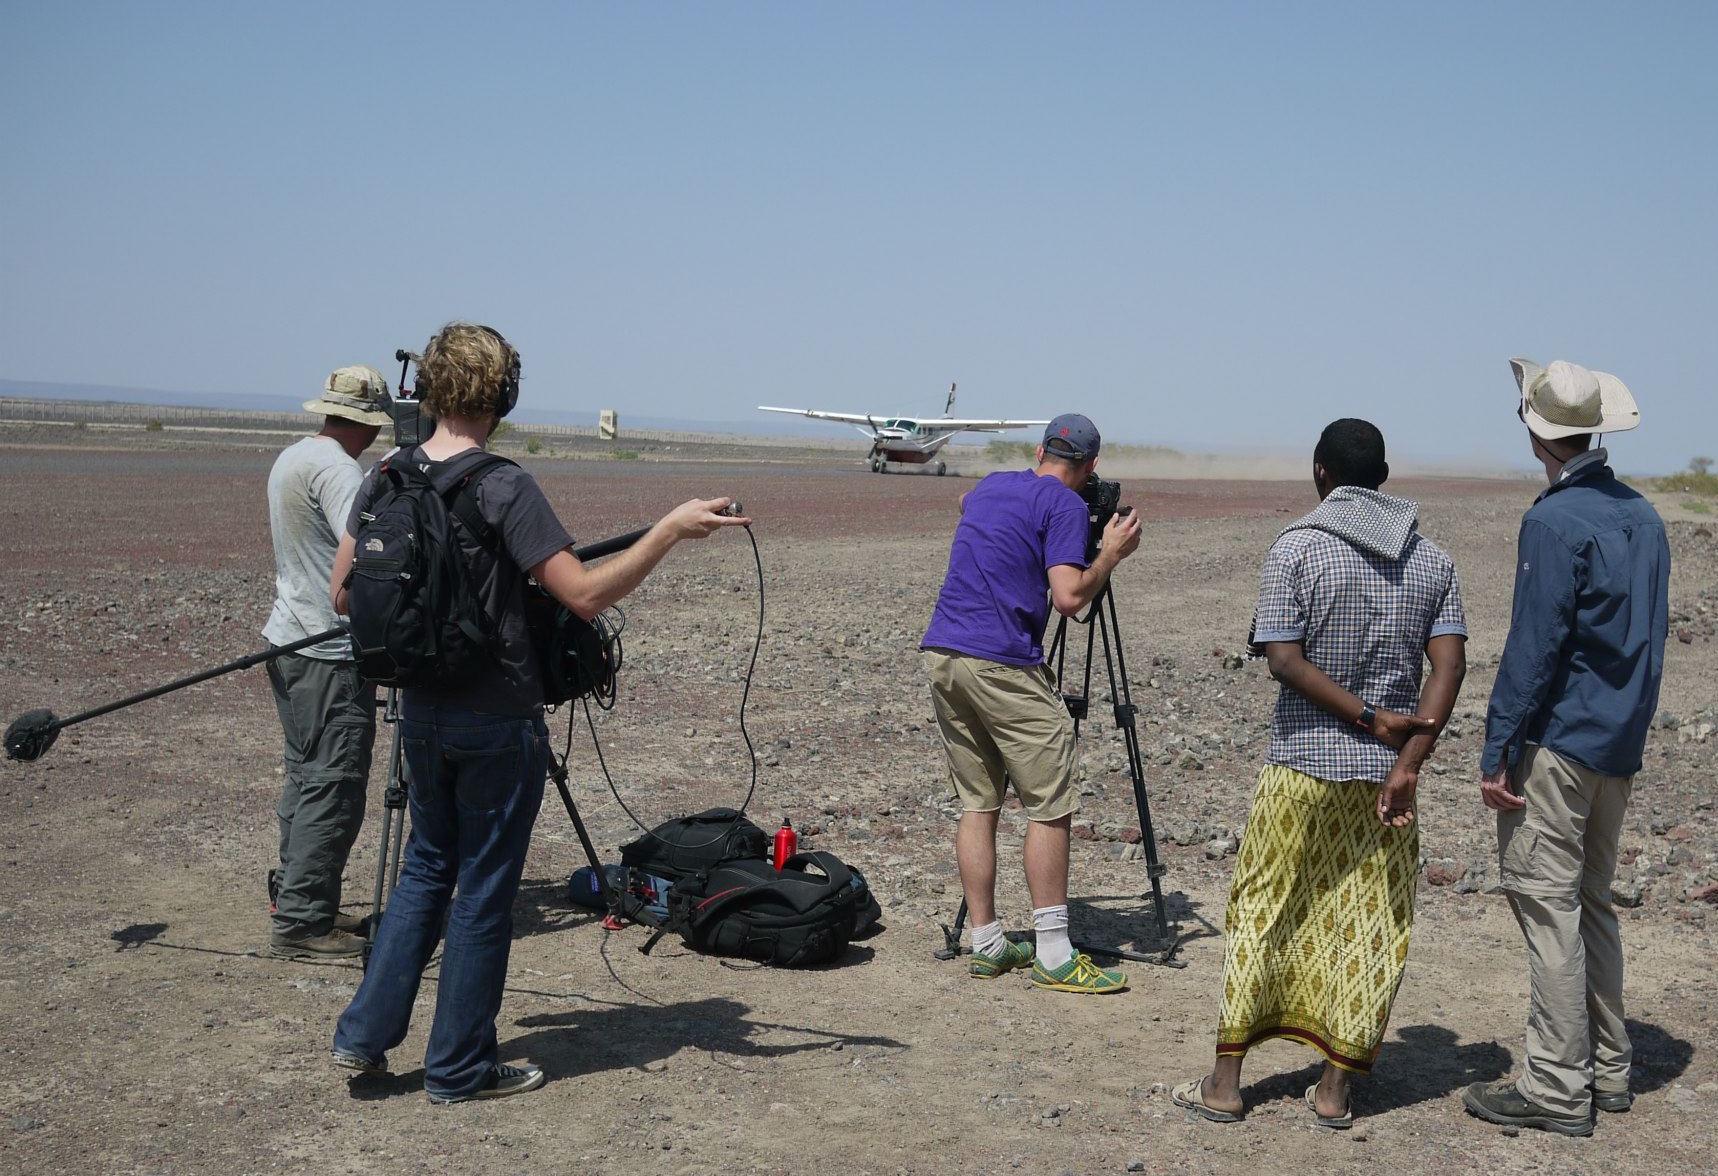 FILMING A BUSH PLANE LANDING IN ETHIOPIA (PURPLE TSHIRT IS ME)